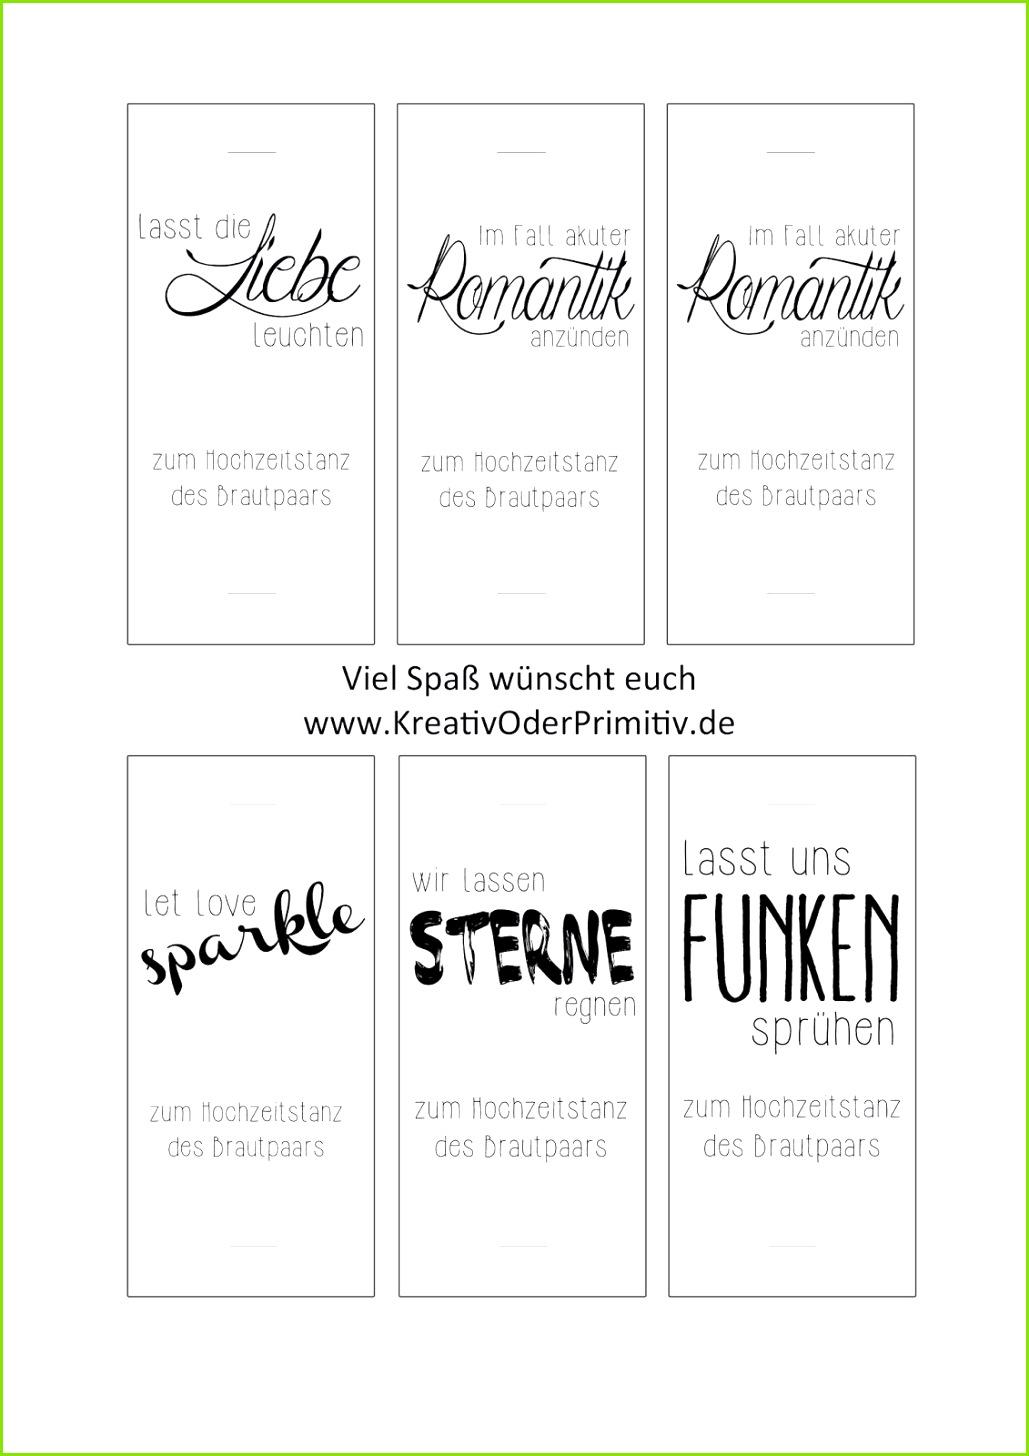 Einladungskarten Vorlagen Einladung Geburtstag Kostenlos Einladung Hochzeit Vorlage Download Media Image 0d 59 82